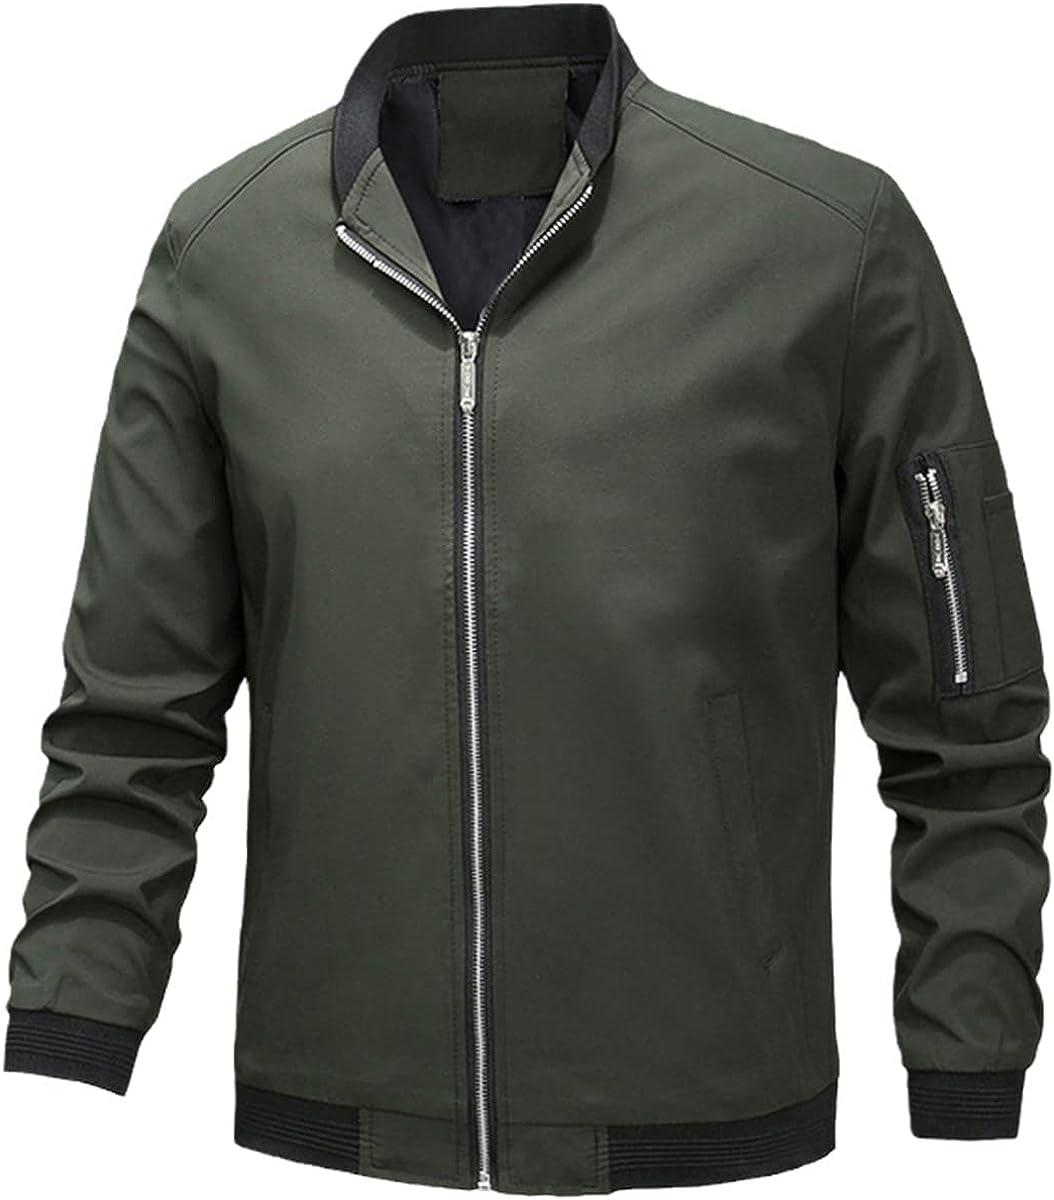 Autumn Men's Bomber Jacket Zipper Jacket Hip Hop Slim Fit Jacket